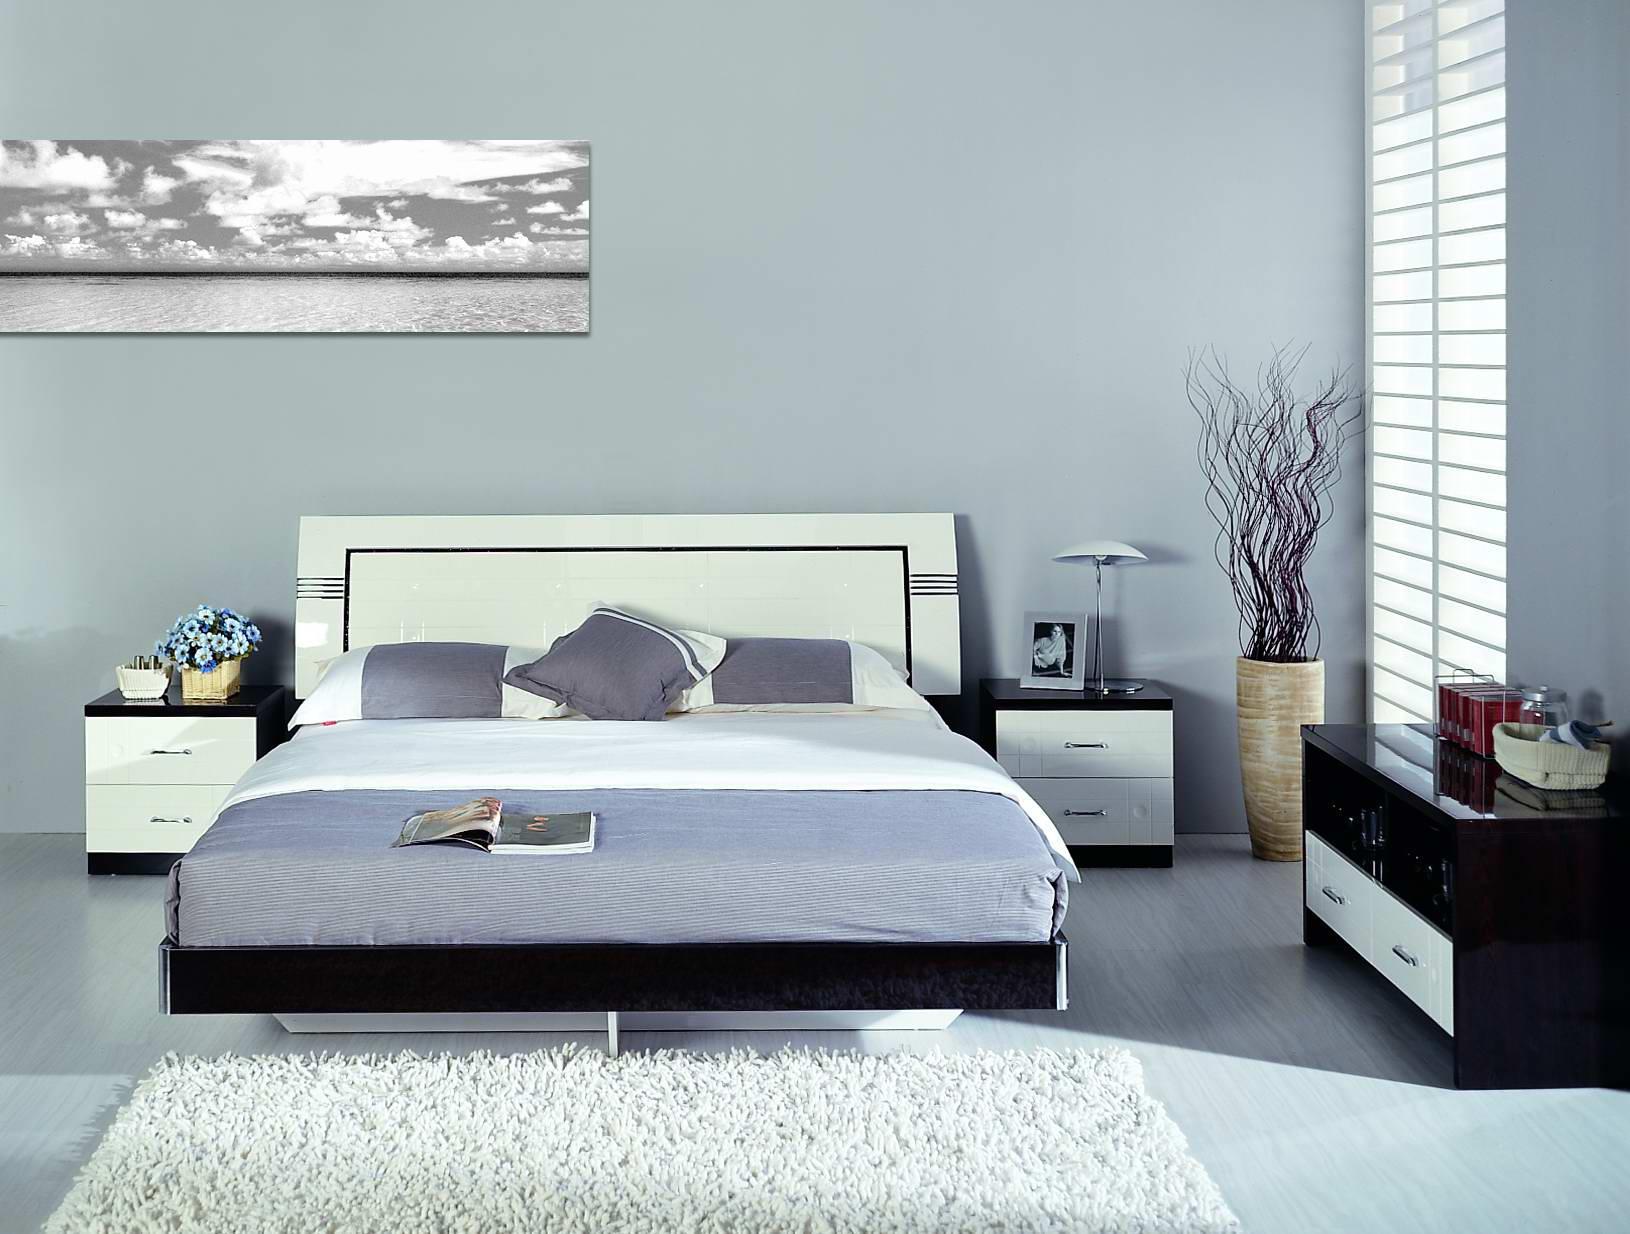 现代家具床手绘图